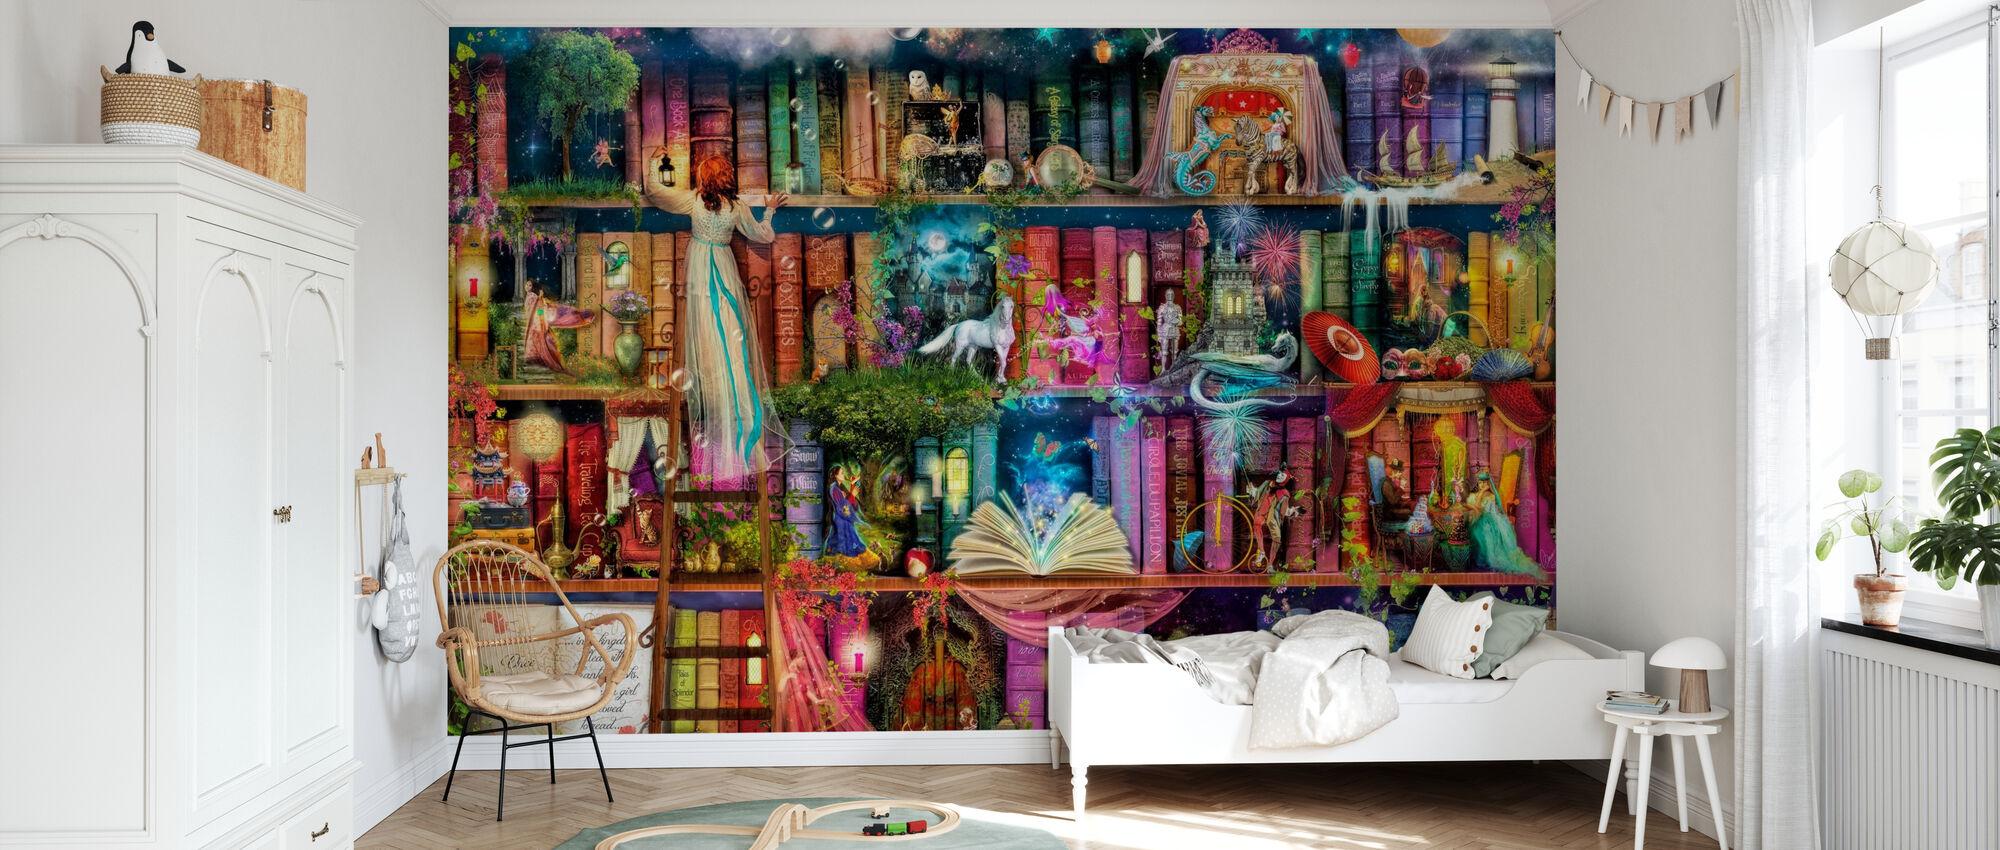 Schattenjacht boek plank - Behang - Kinderkamer